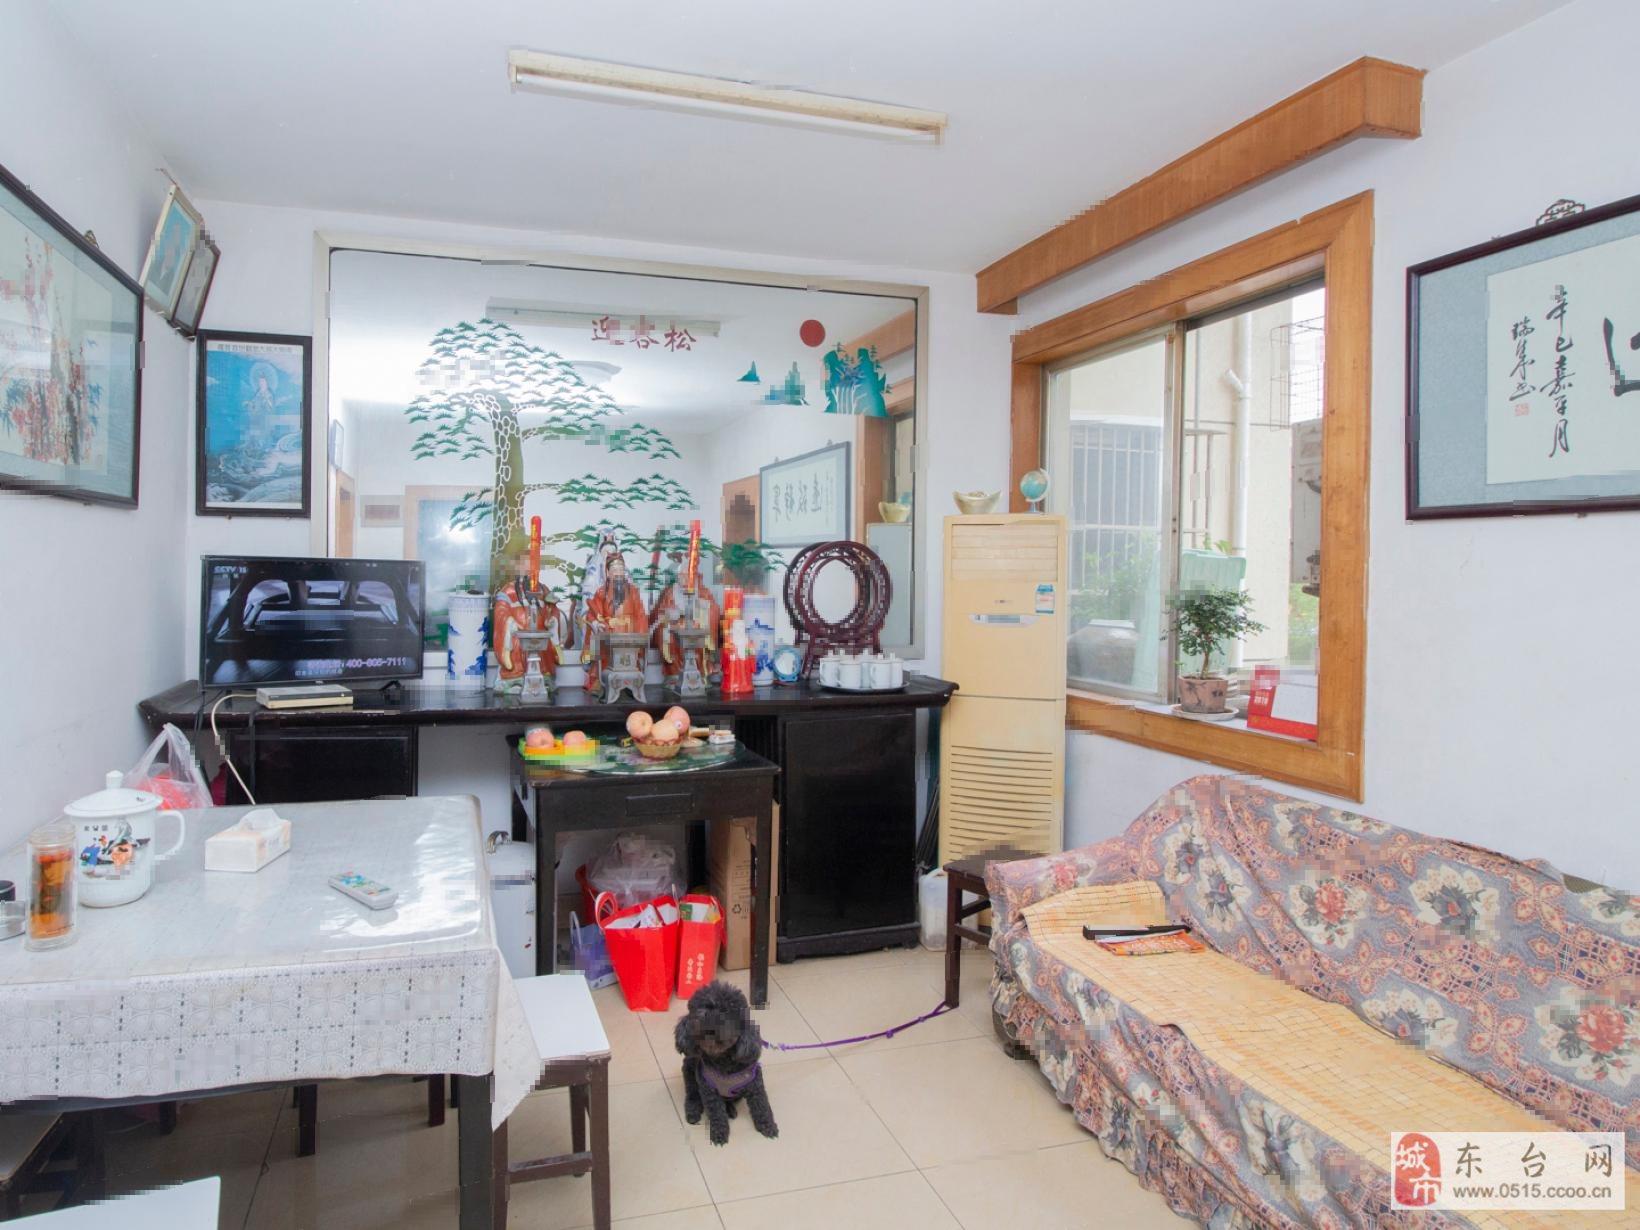 新桥小区2室1厅1卫54.8万元